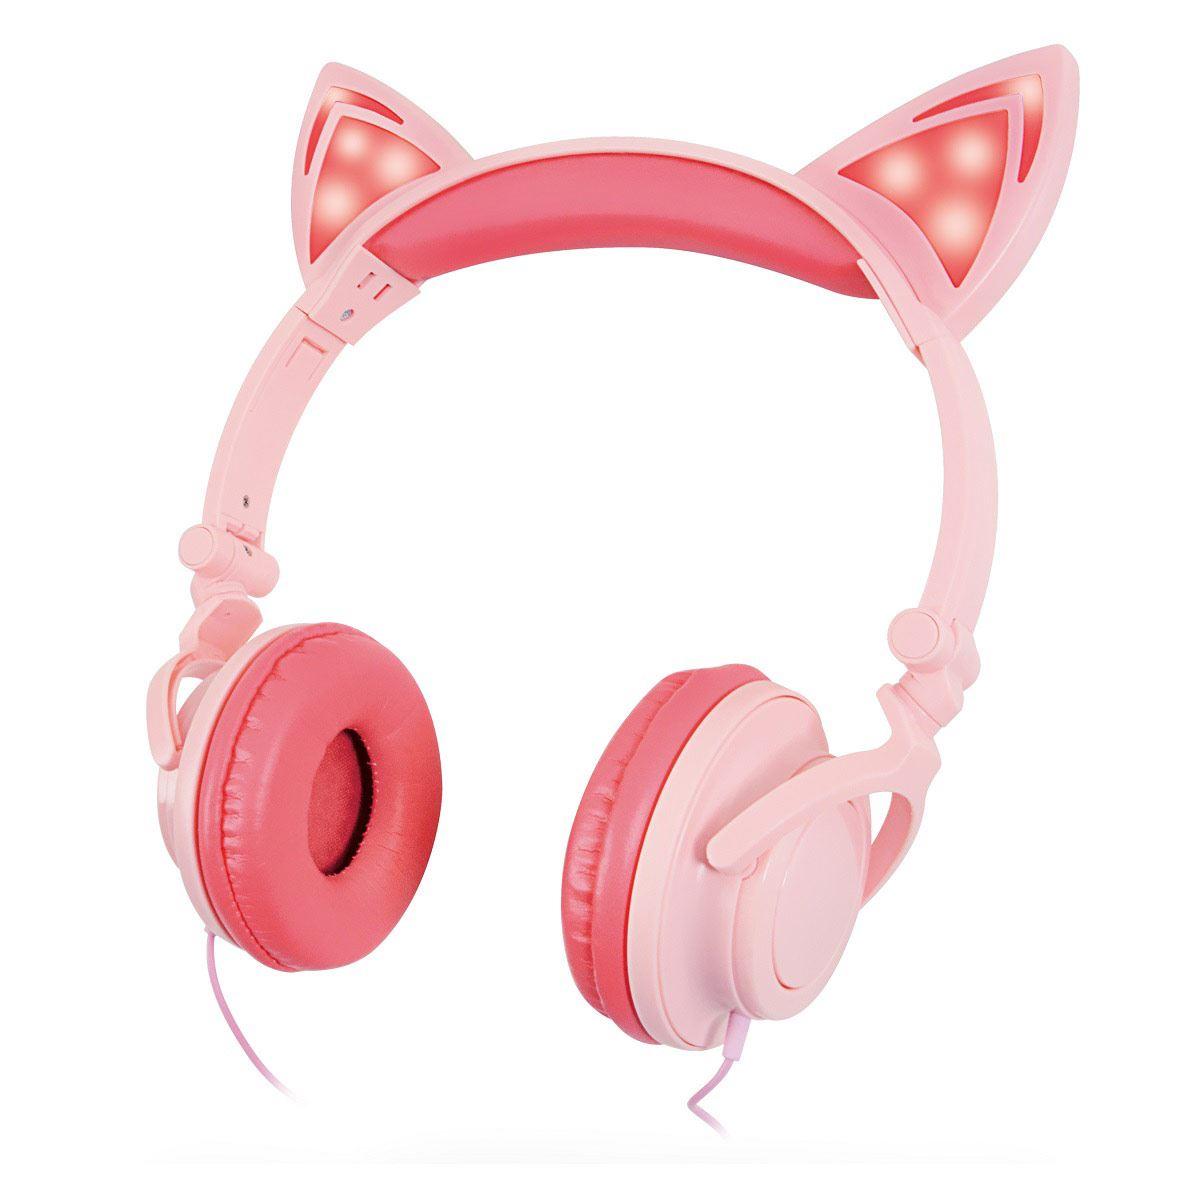 Audífonos Misik Orejas de Gato con Luz Rosa